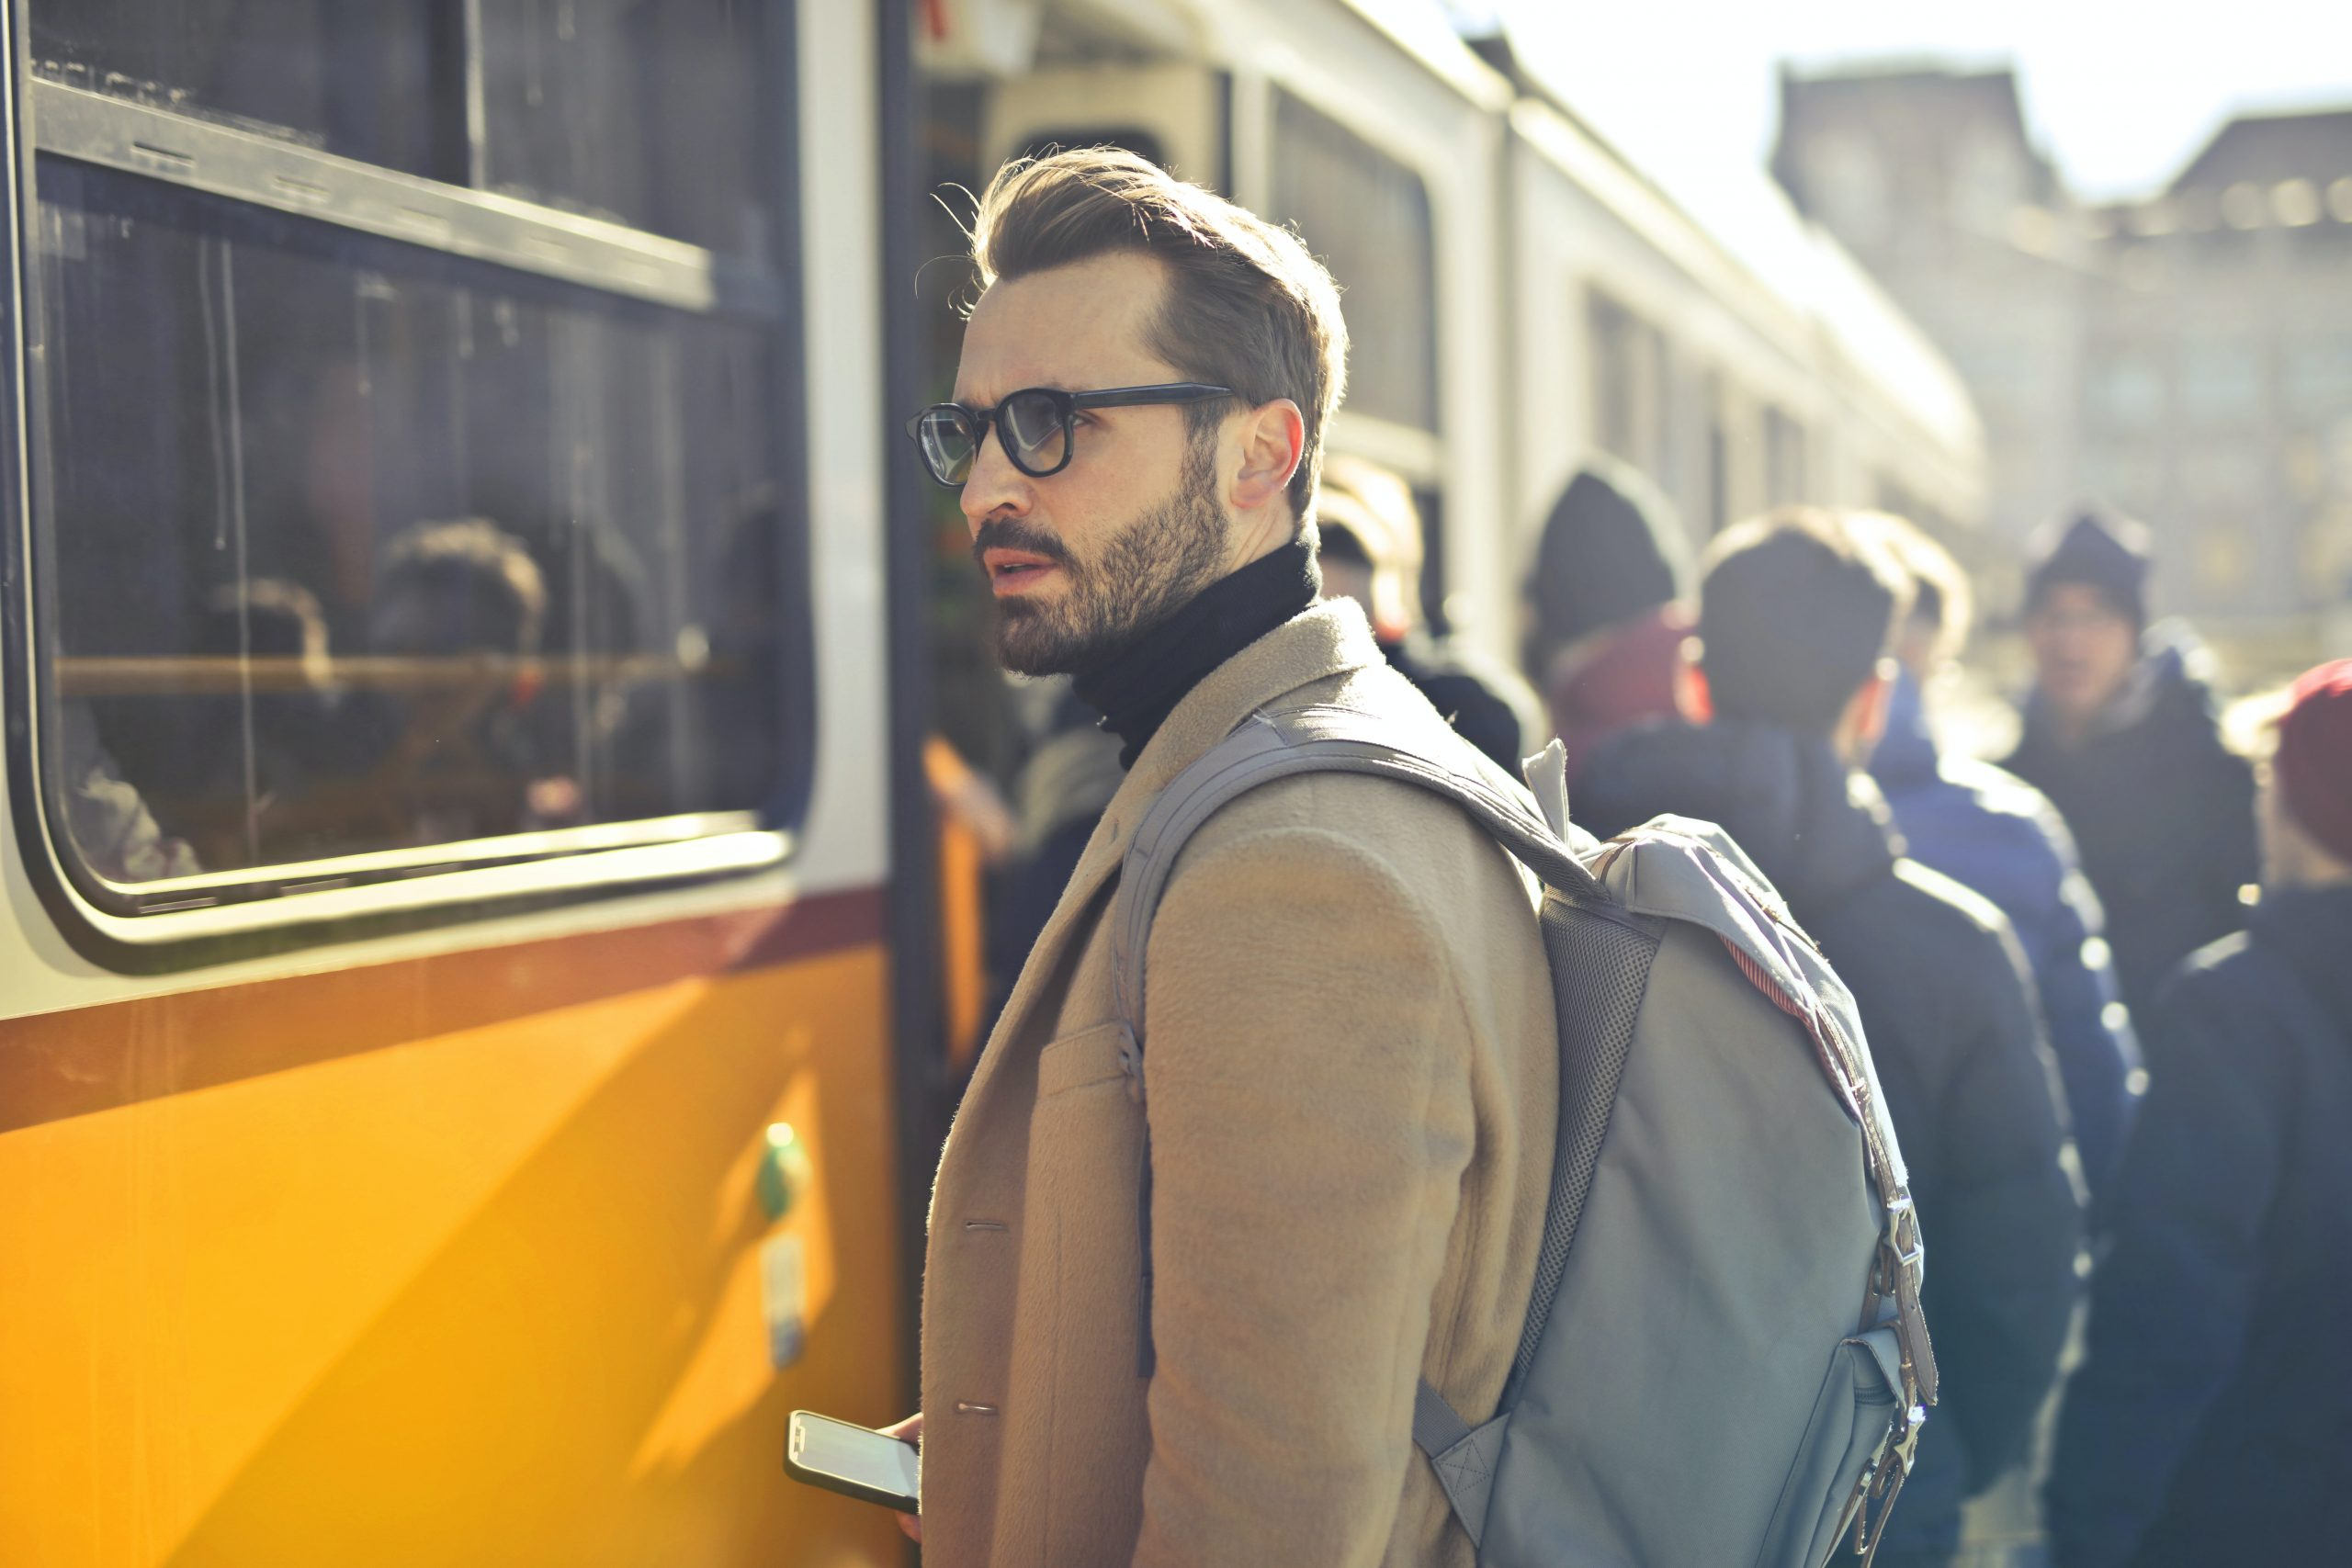 Imagem de um homem carregando uma mochila.